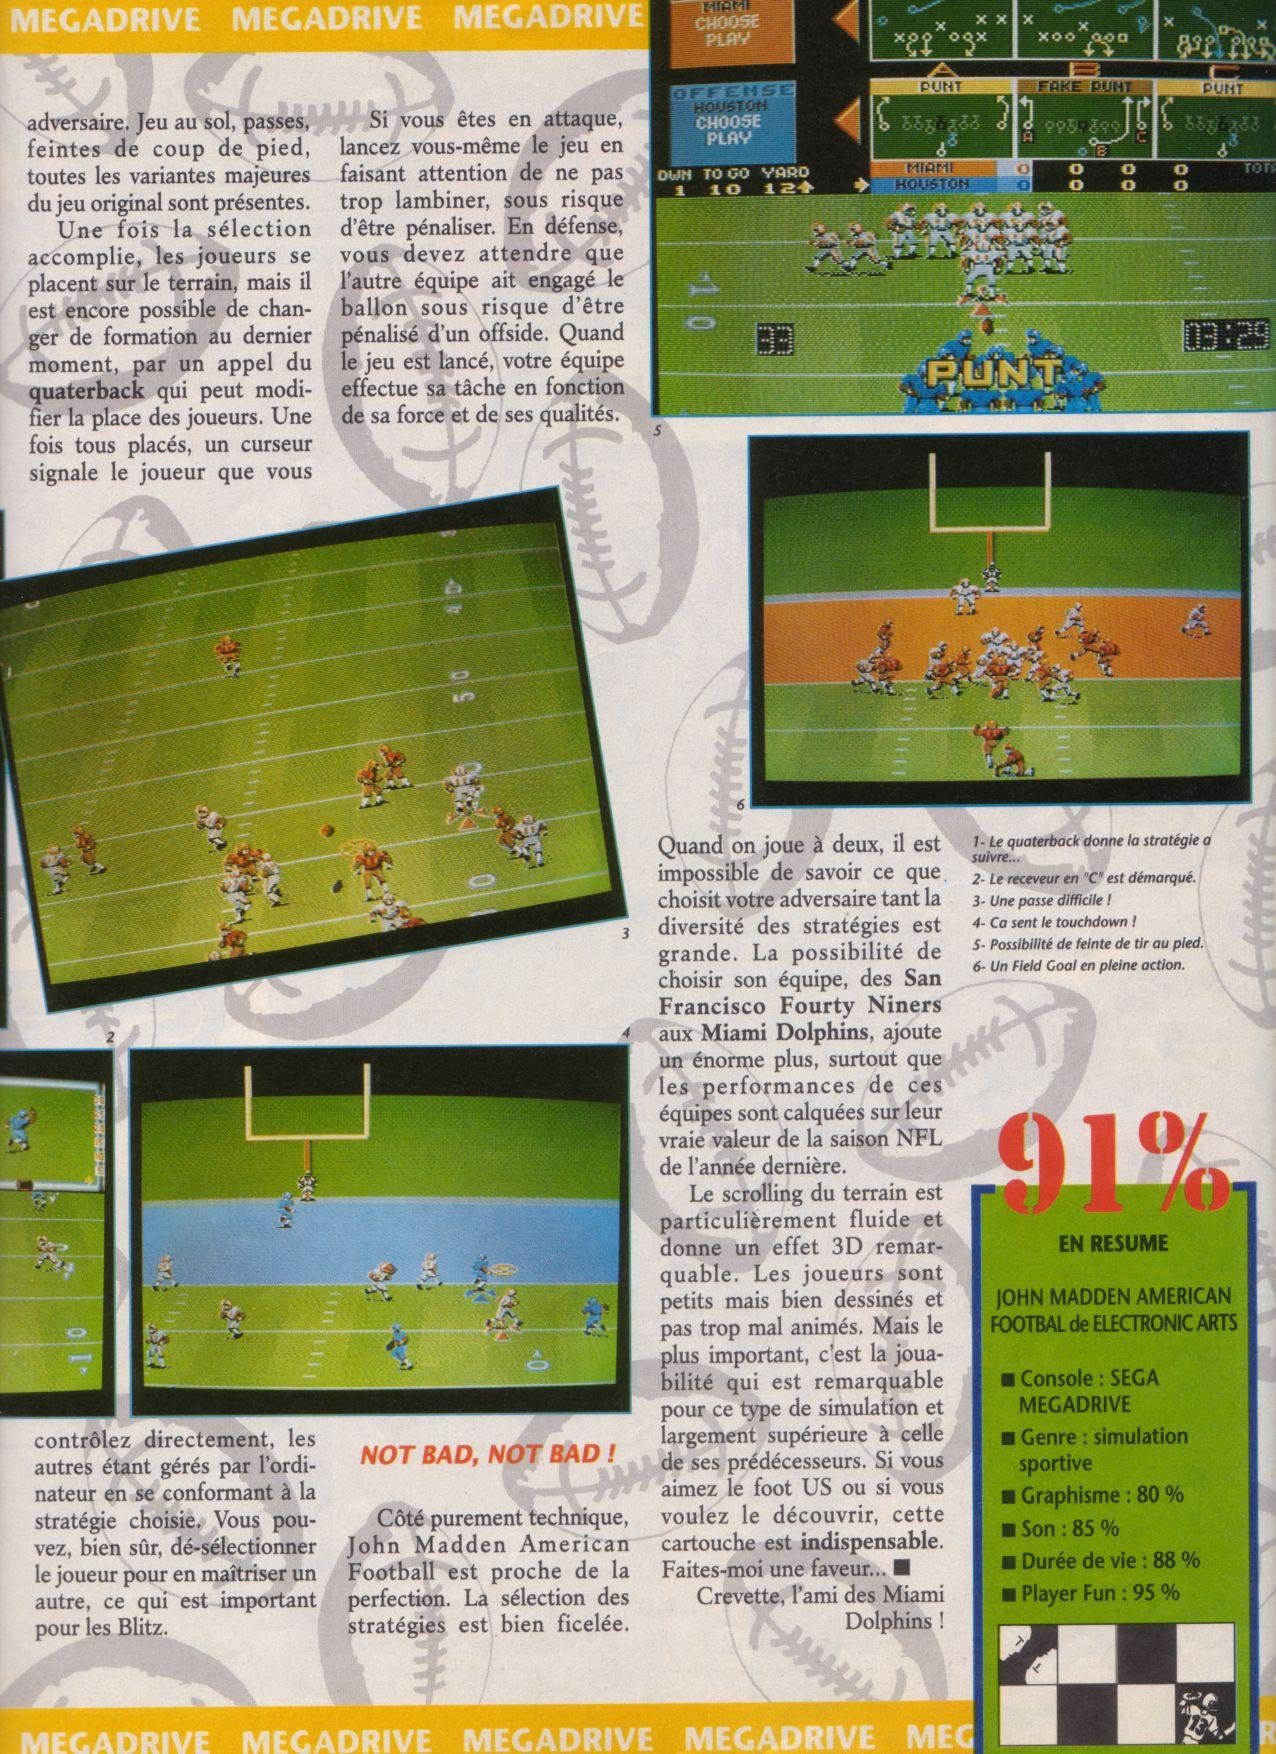 Le topic officiel de la Megadrive - Page 26 Player%20One%20005%20-%20Page%20033%20%281991-01%29